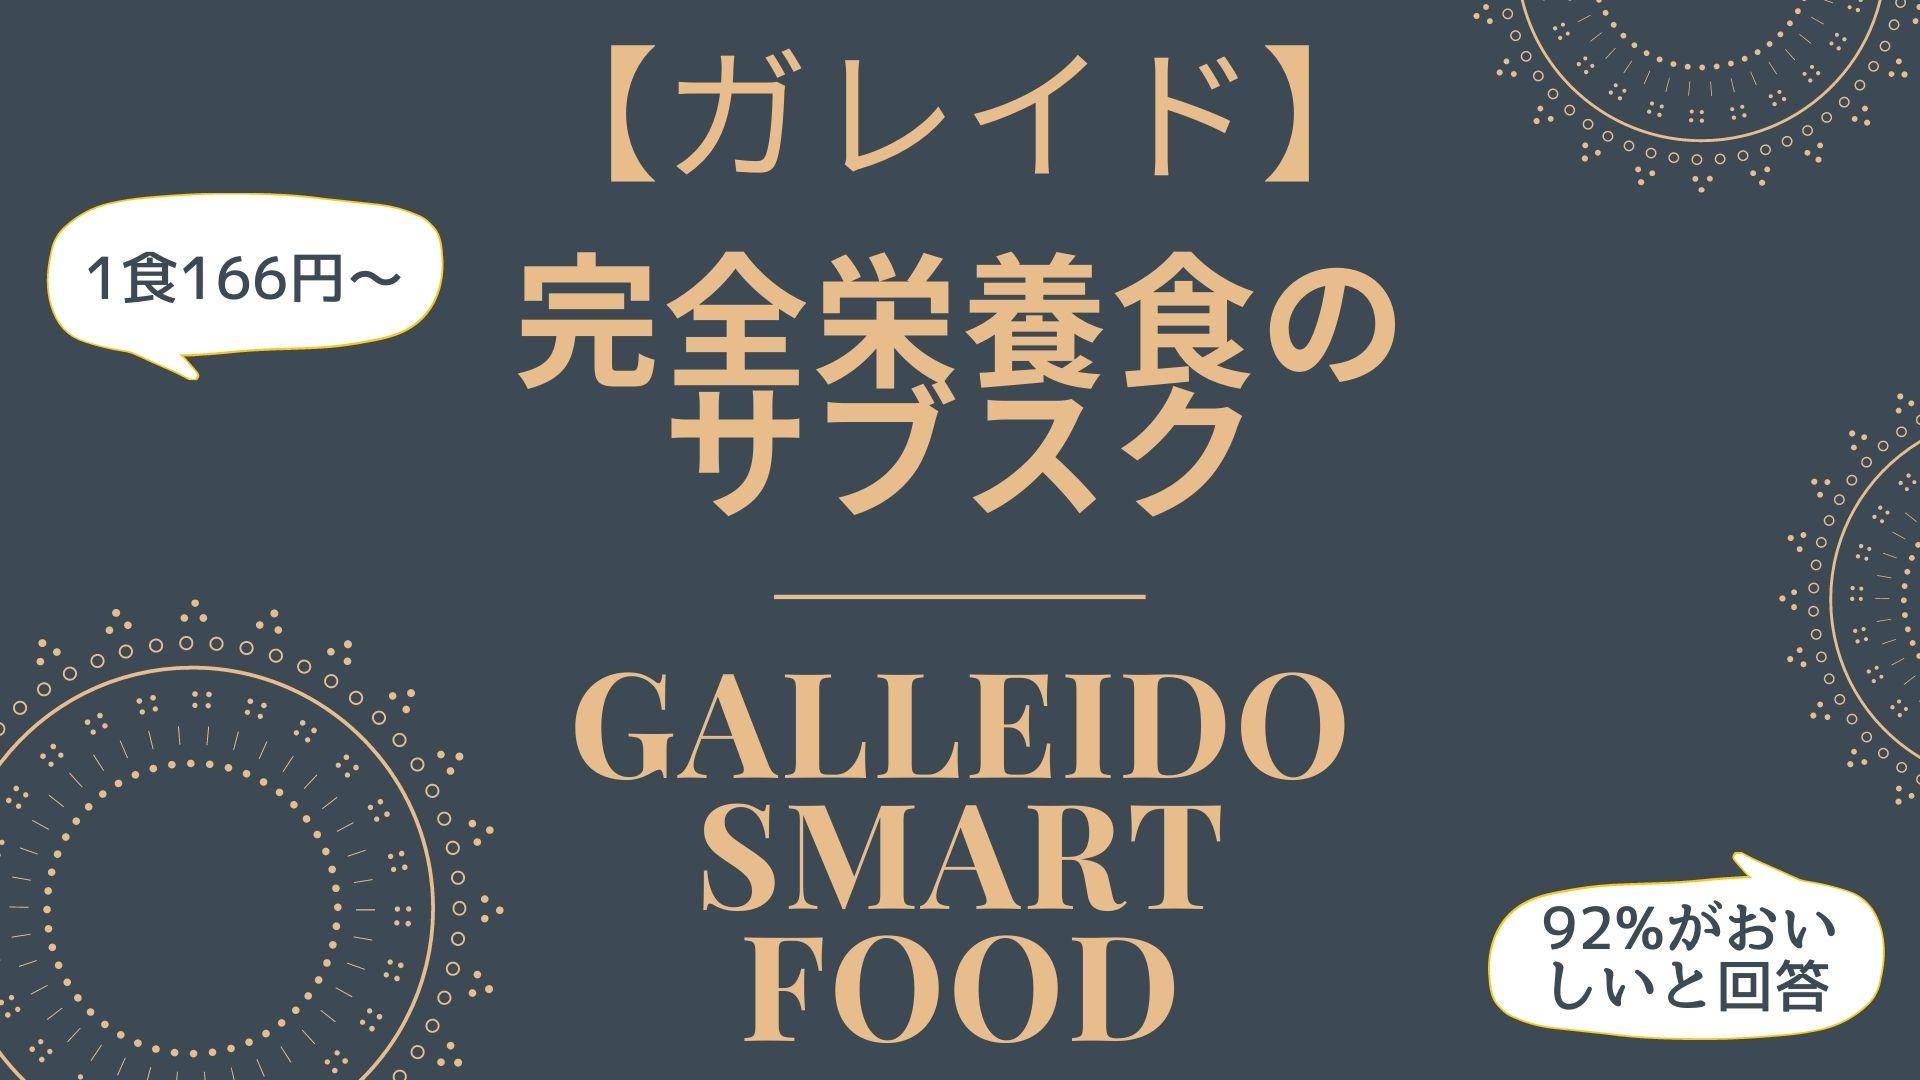 ガレイドスマートフード galleido-smart-food